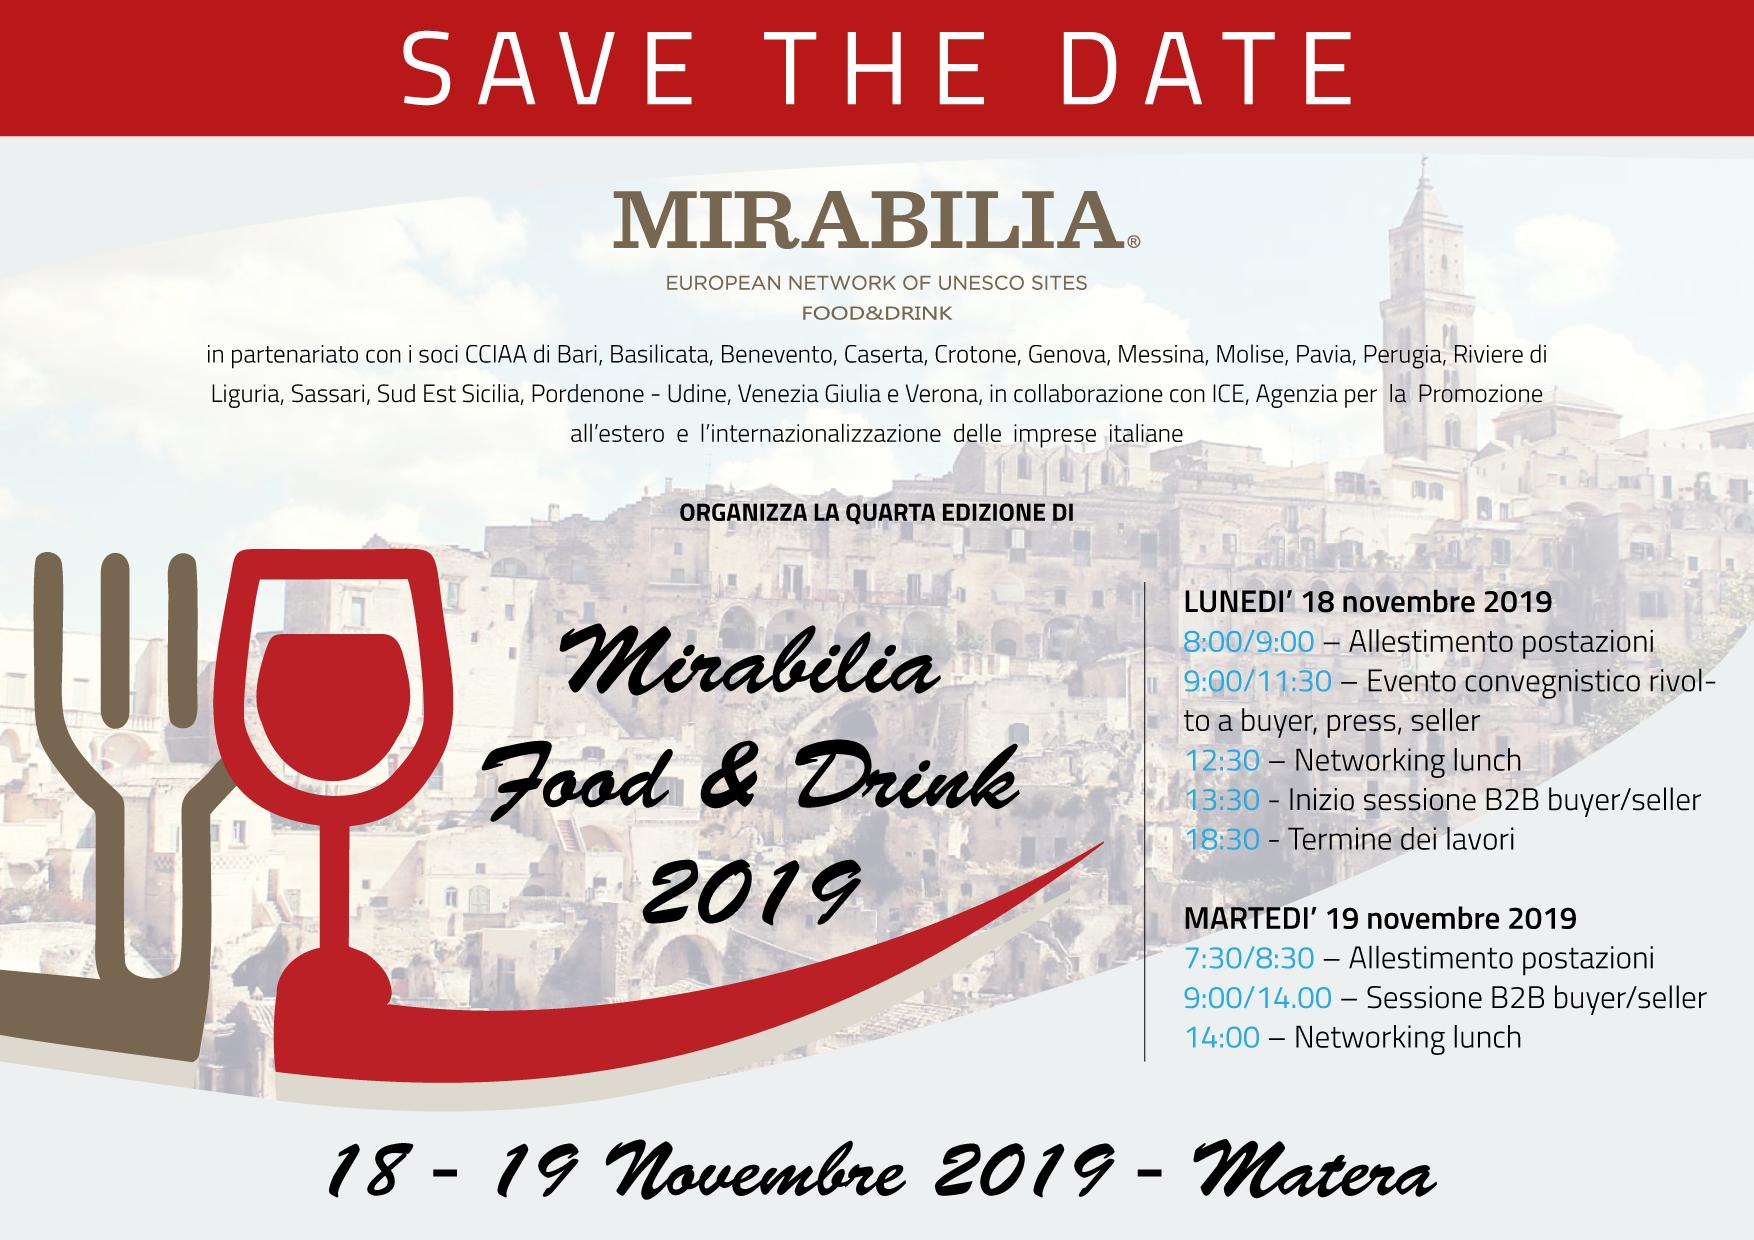 mirabilia evento novembre 2019